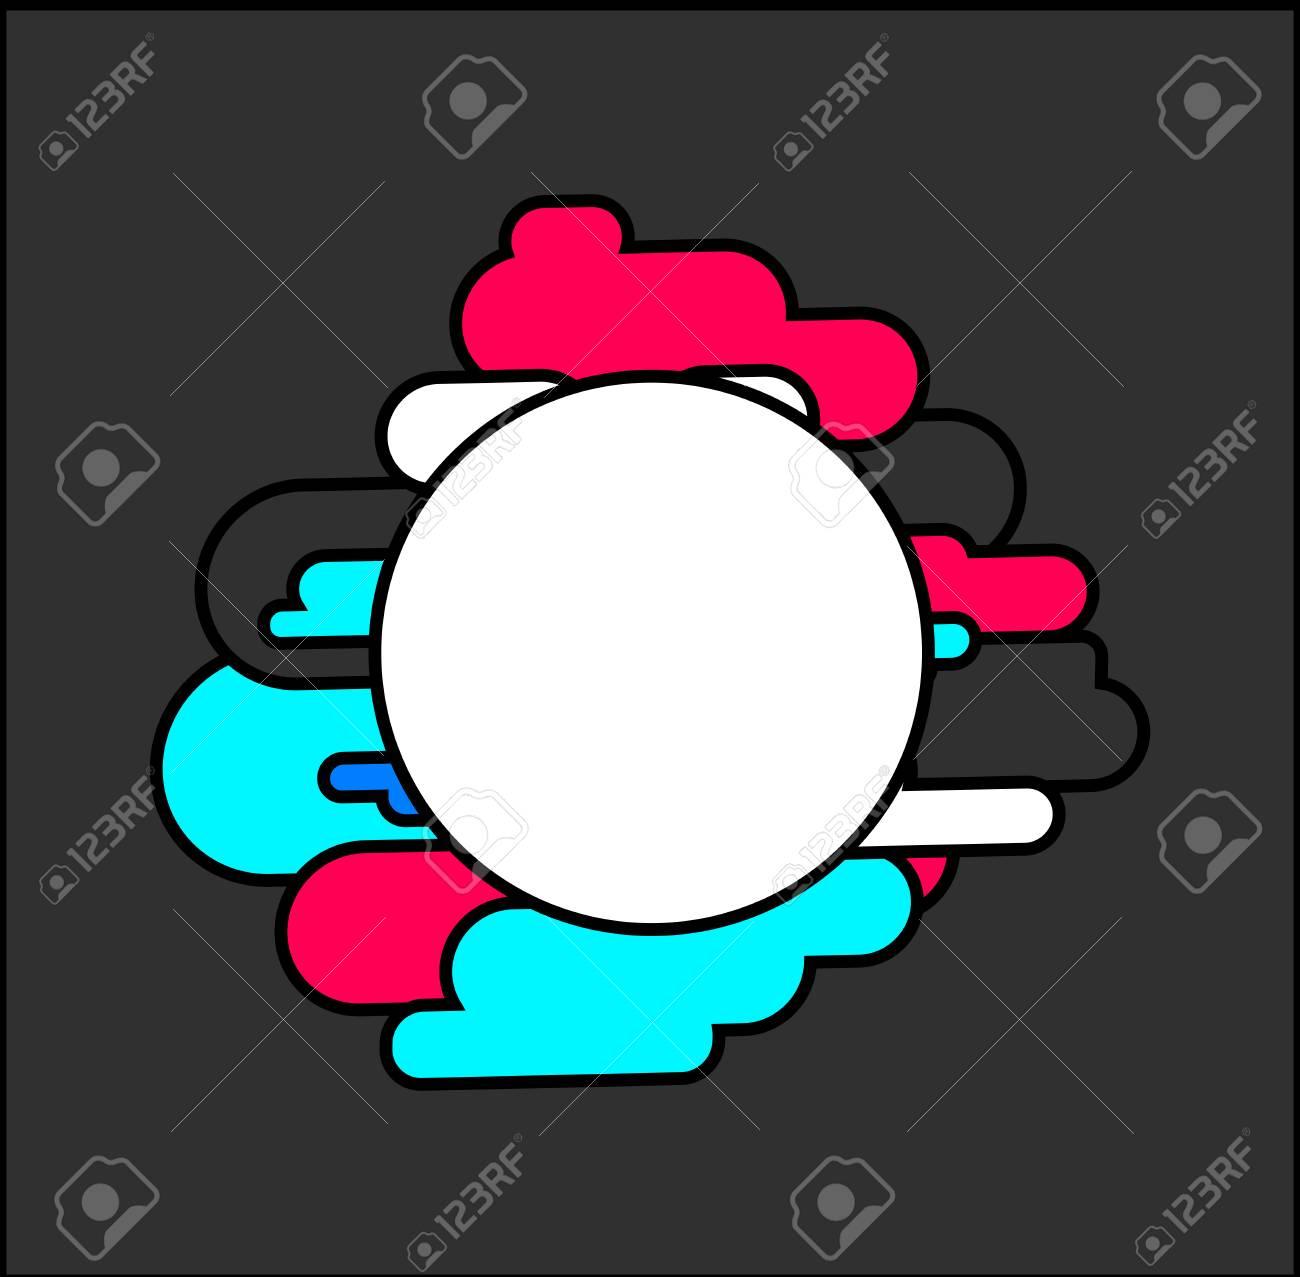 Marco Hipster. Círculo Y Línea Colorida Dinámica. Ilustración ...